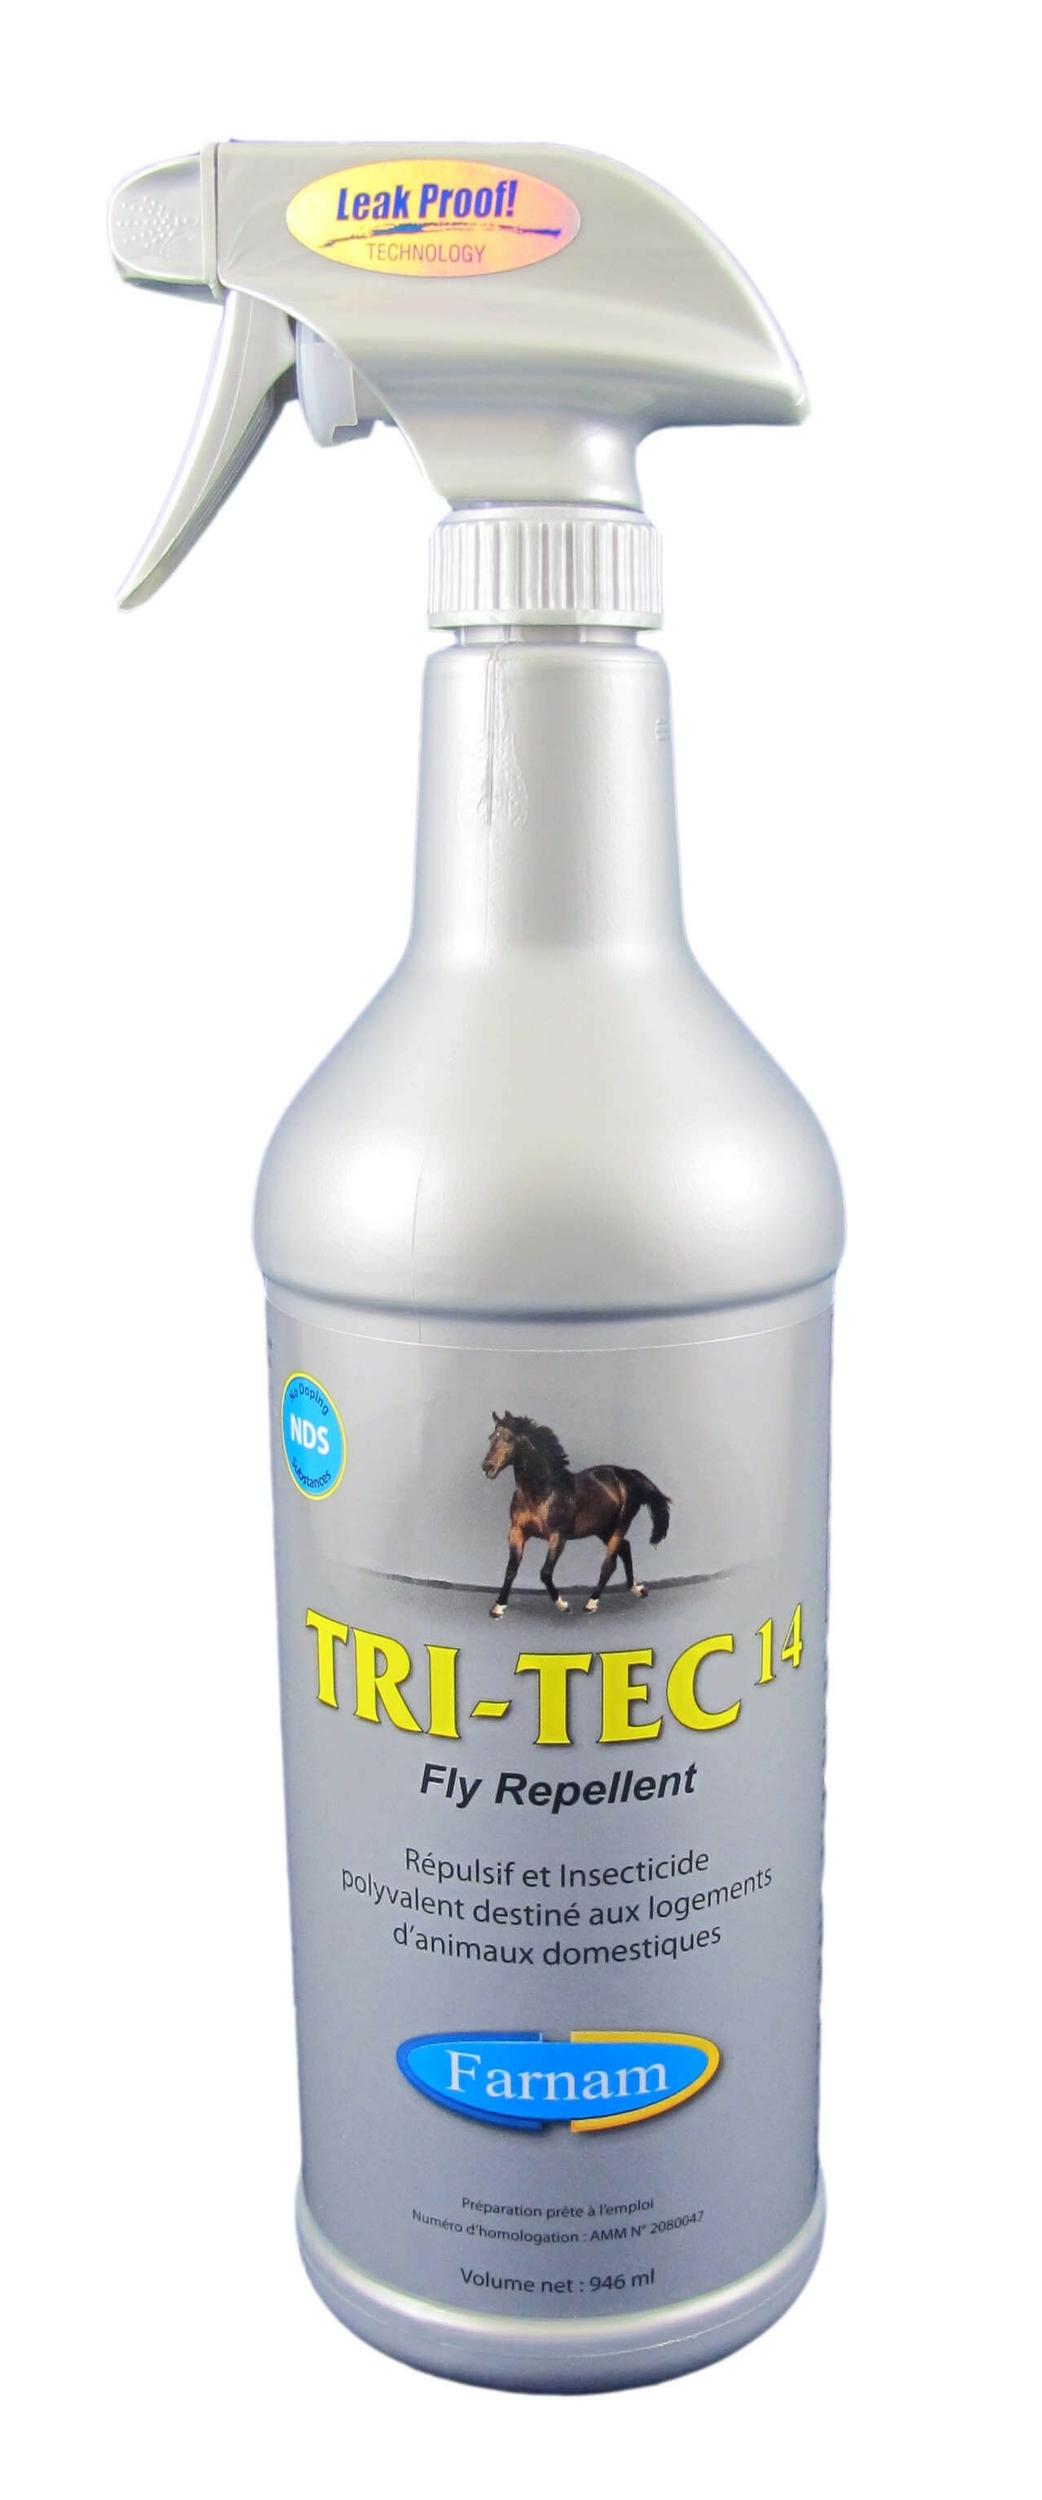 tri-tec_14_farnam_re_pulsif_anti-mouches_pour_cheval_noszanimos